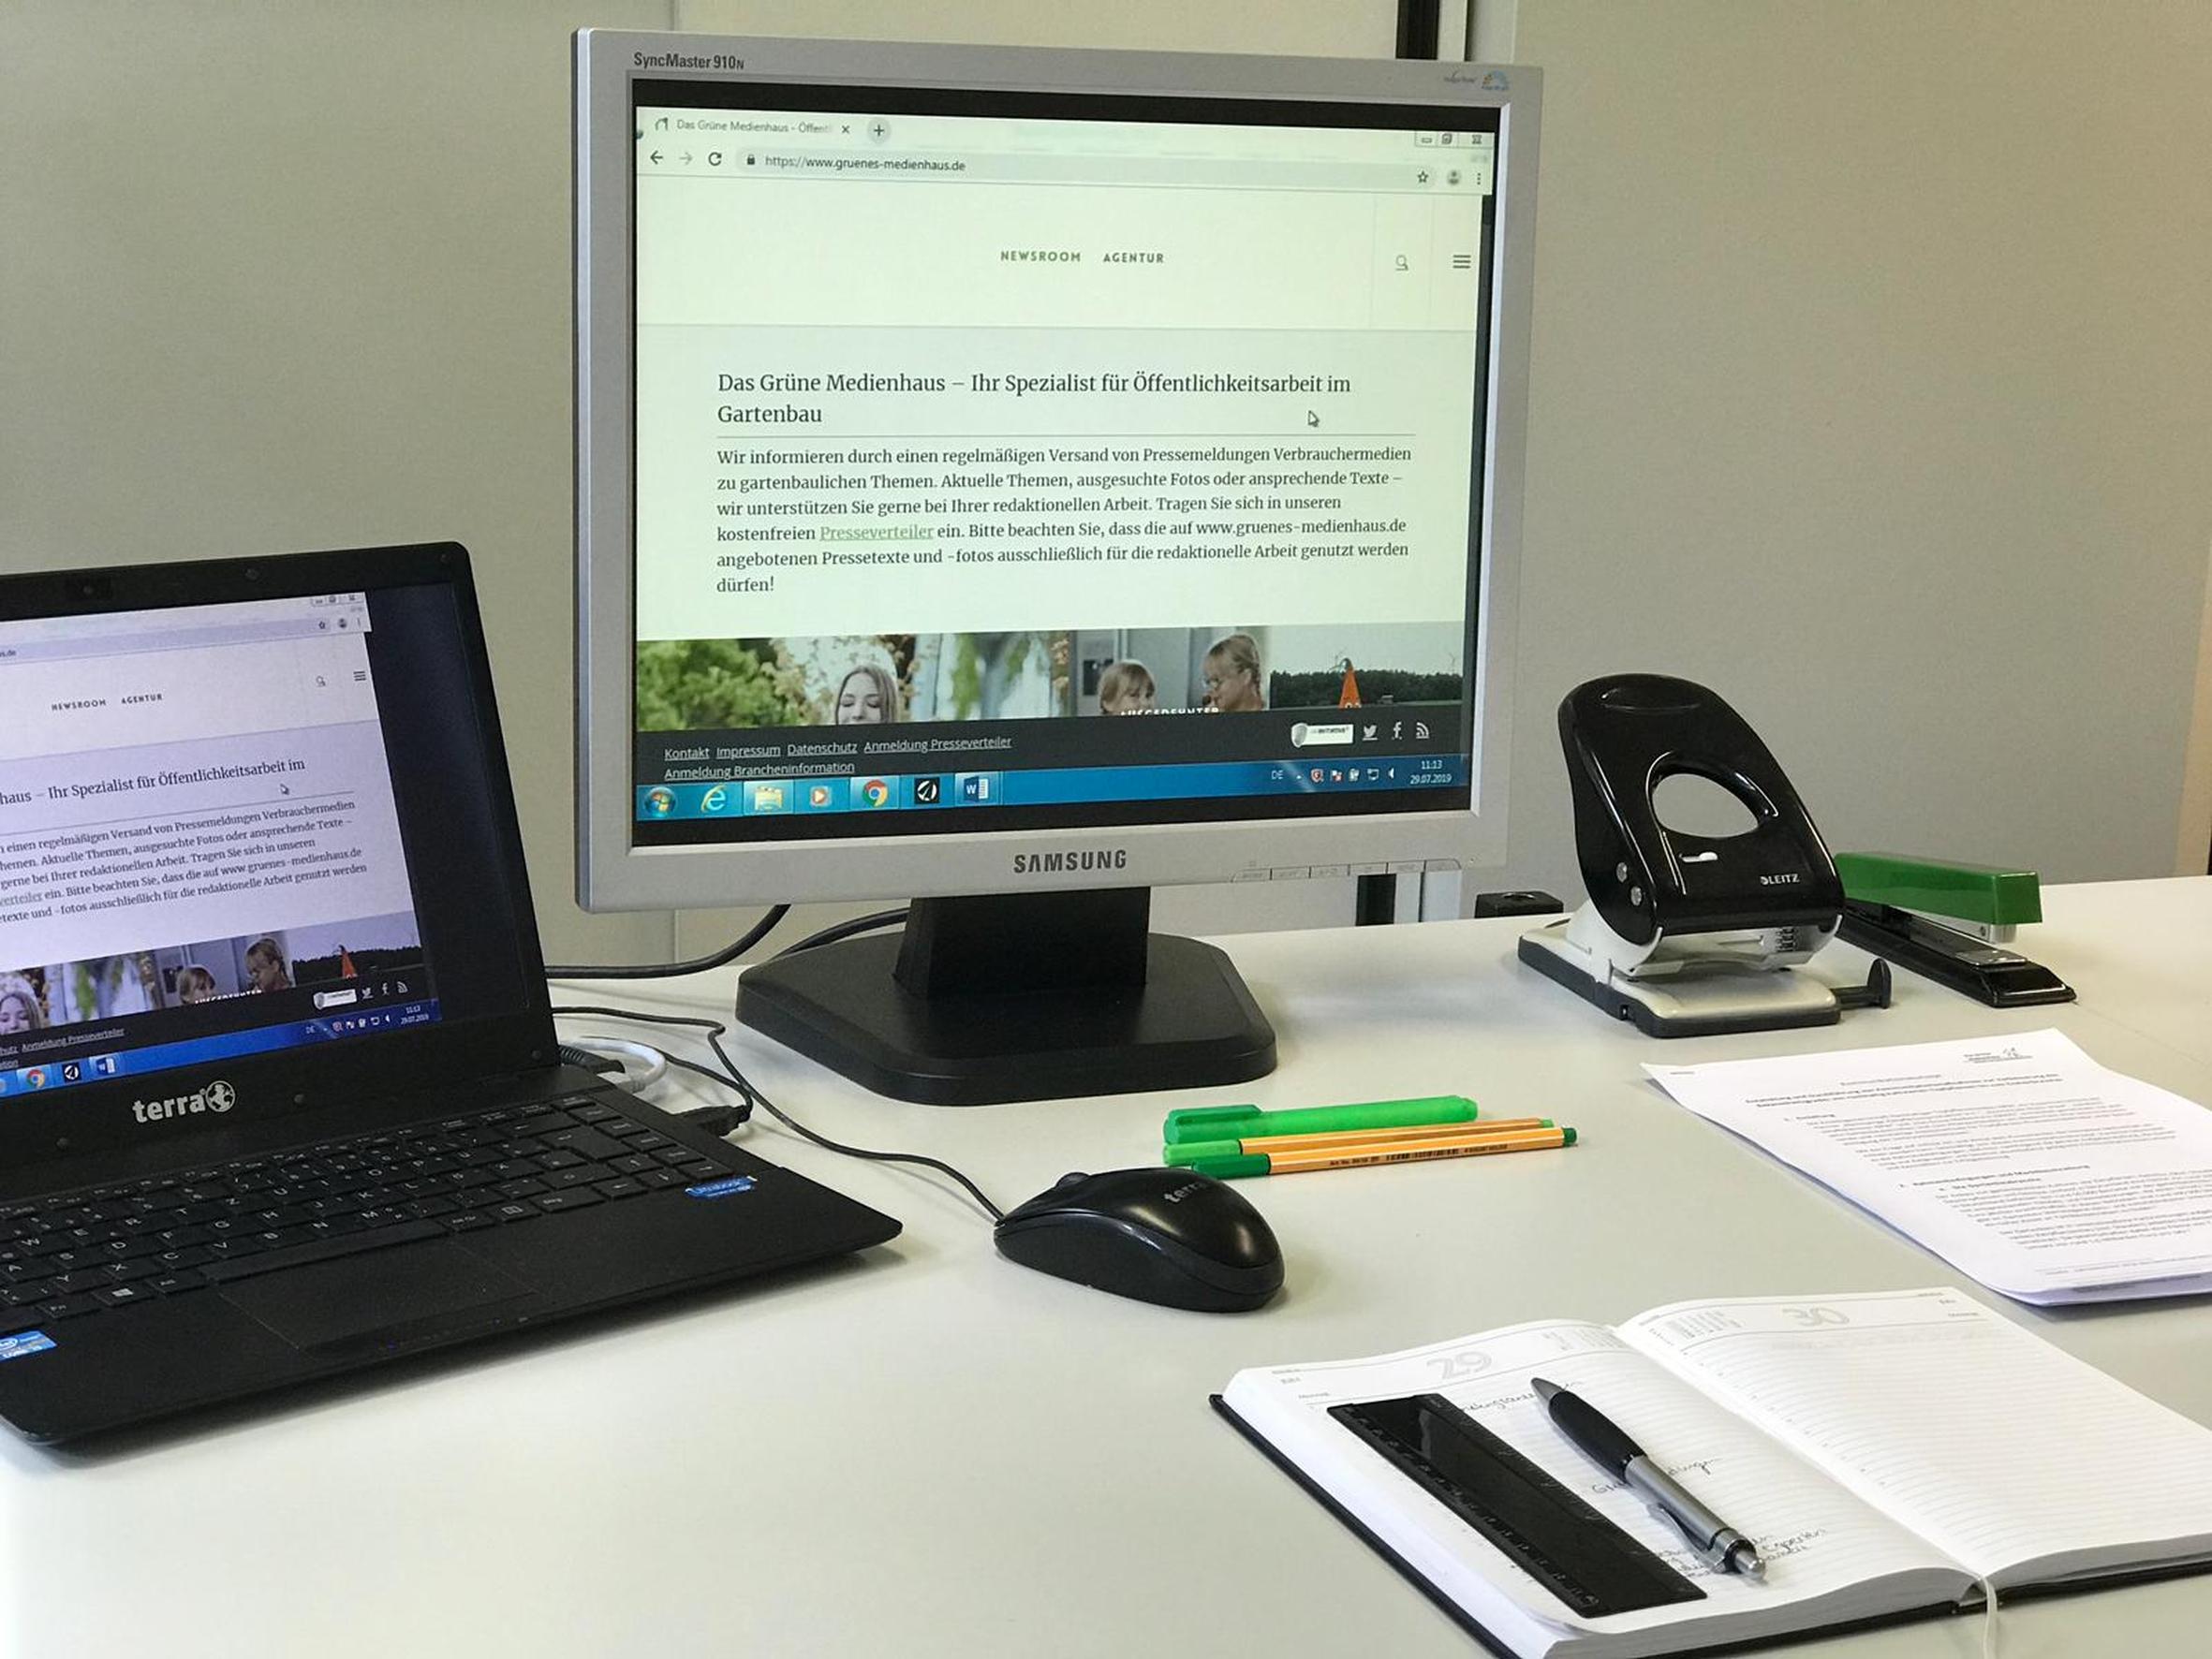 Abwechslungsreich, interessant und kreativ – mein Praktikum im Grünen Medienhaus